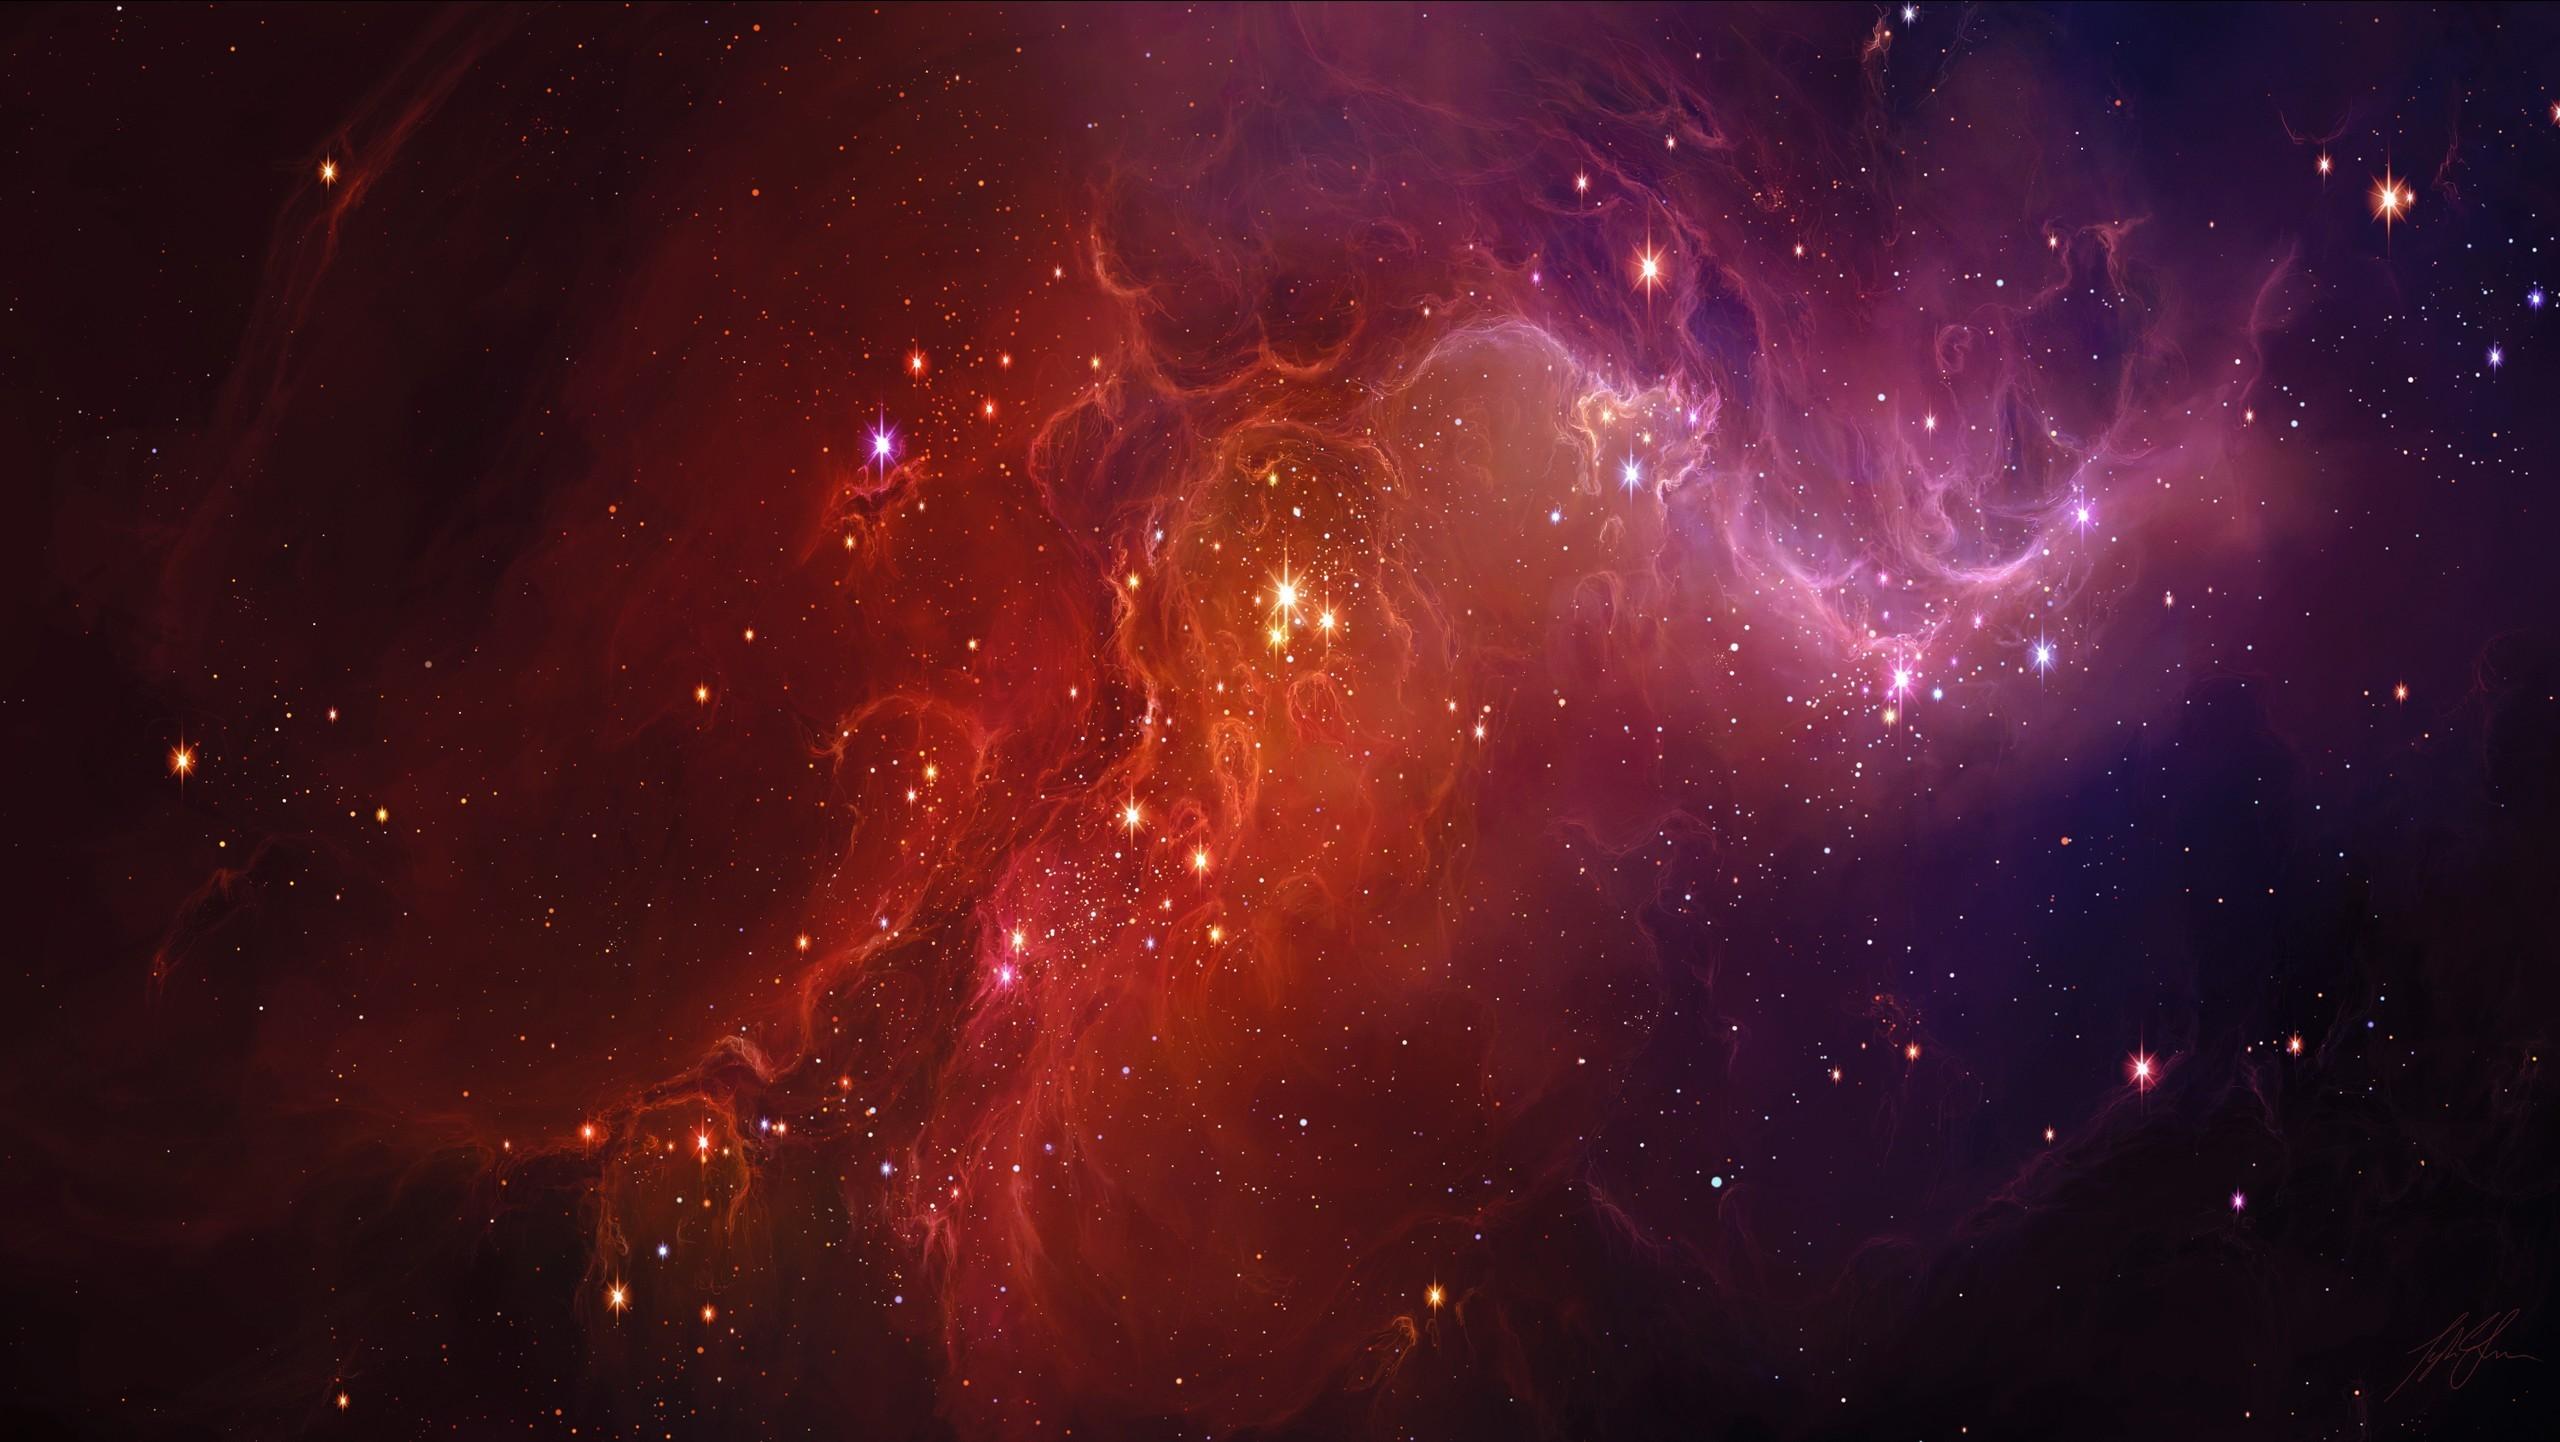 Обои Планеты и туманности картинки на рабочий стол на тему Космос - скачать  № 3551773 бесплатно